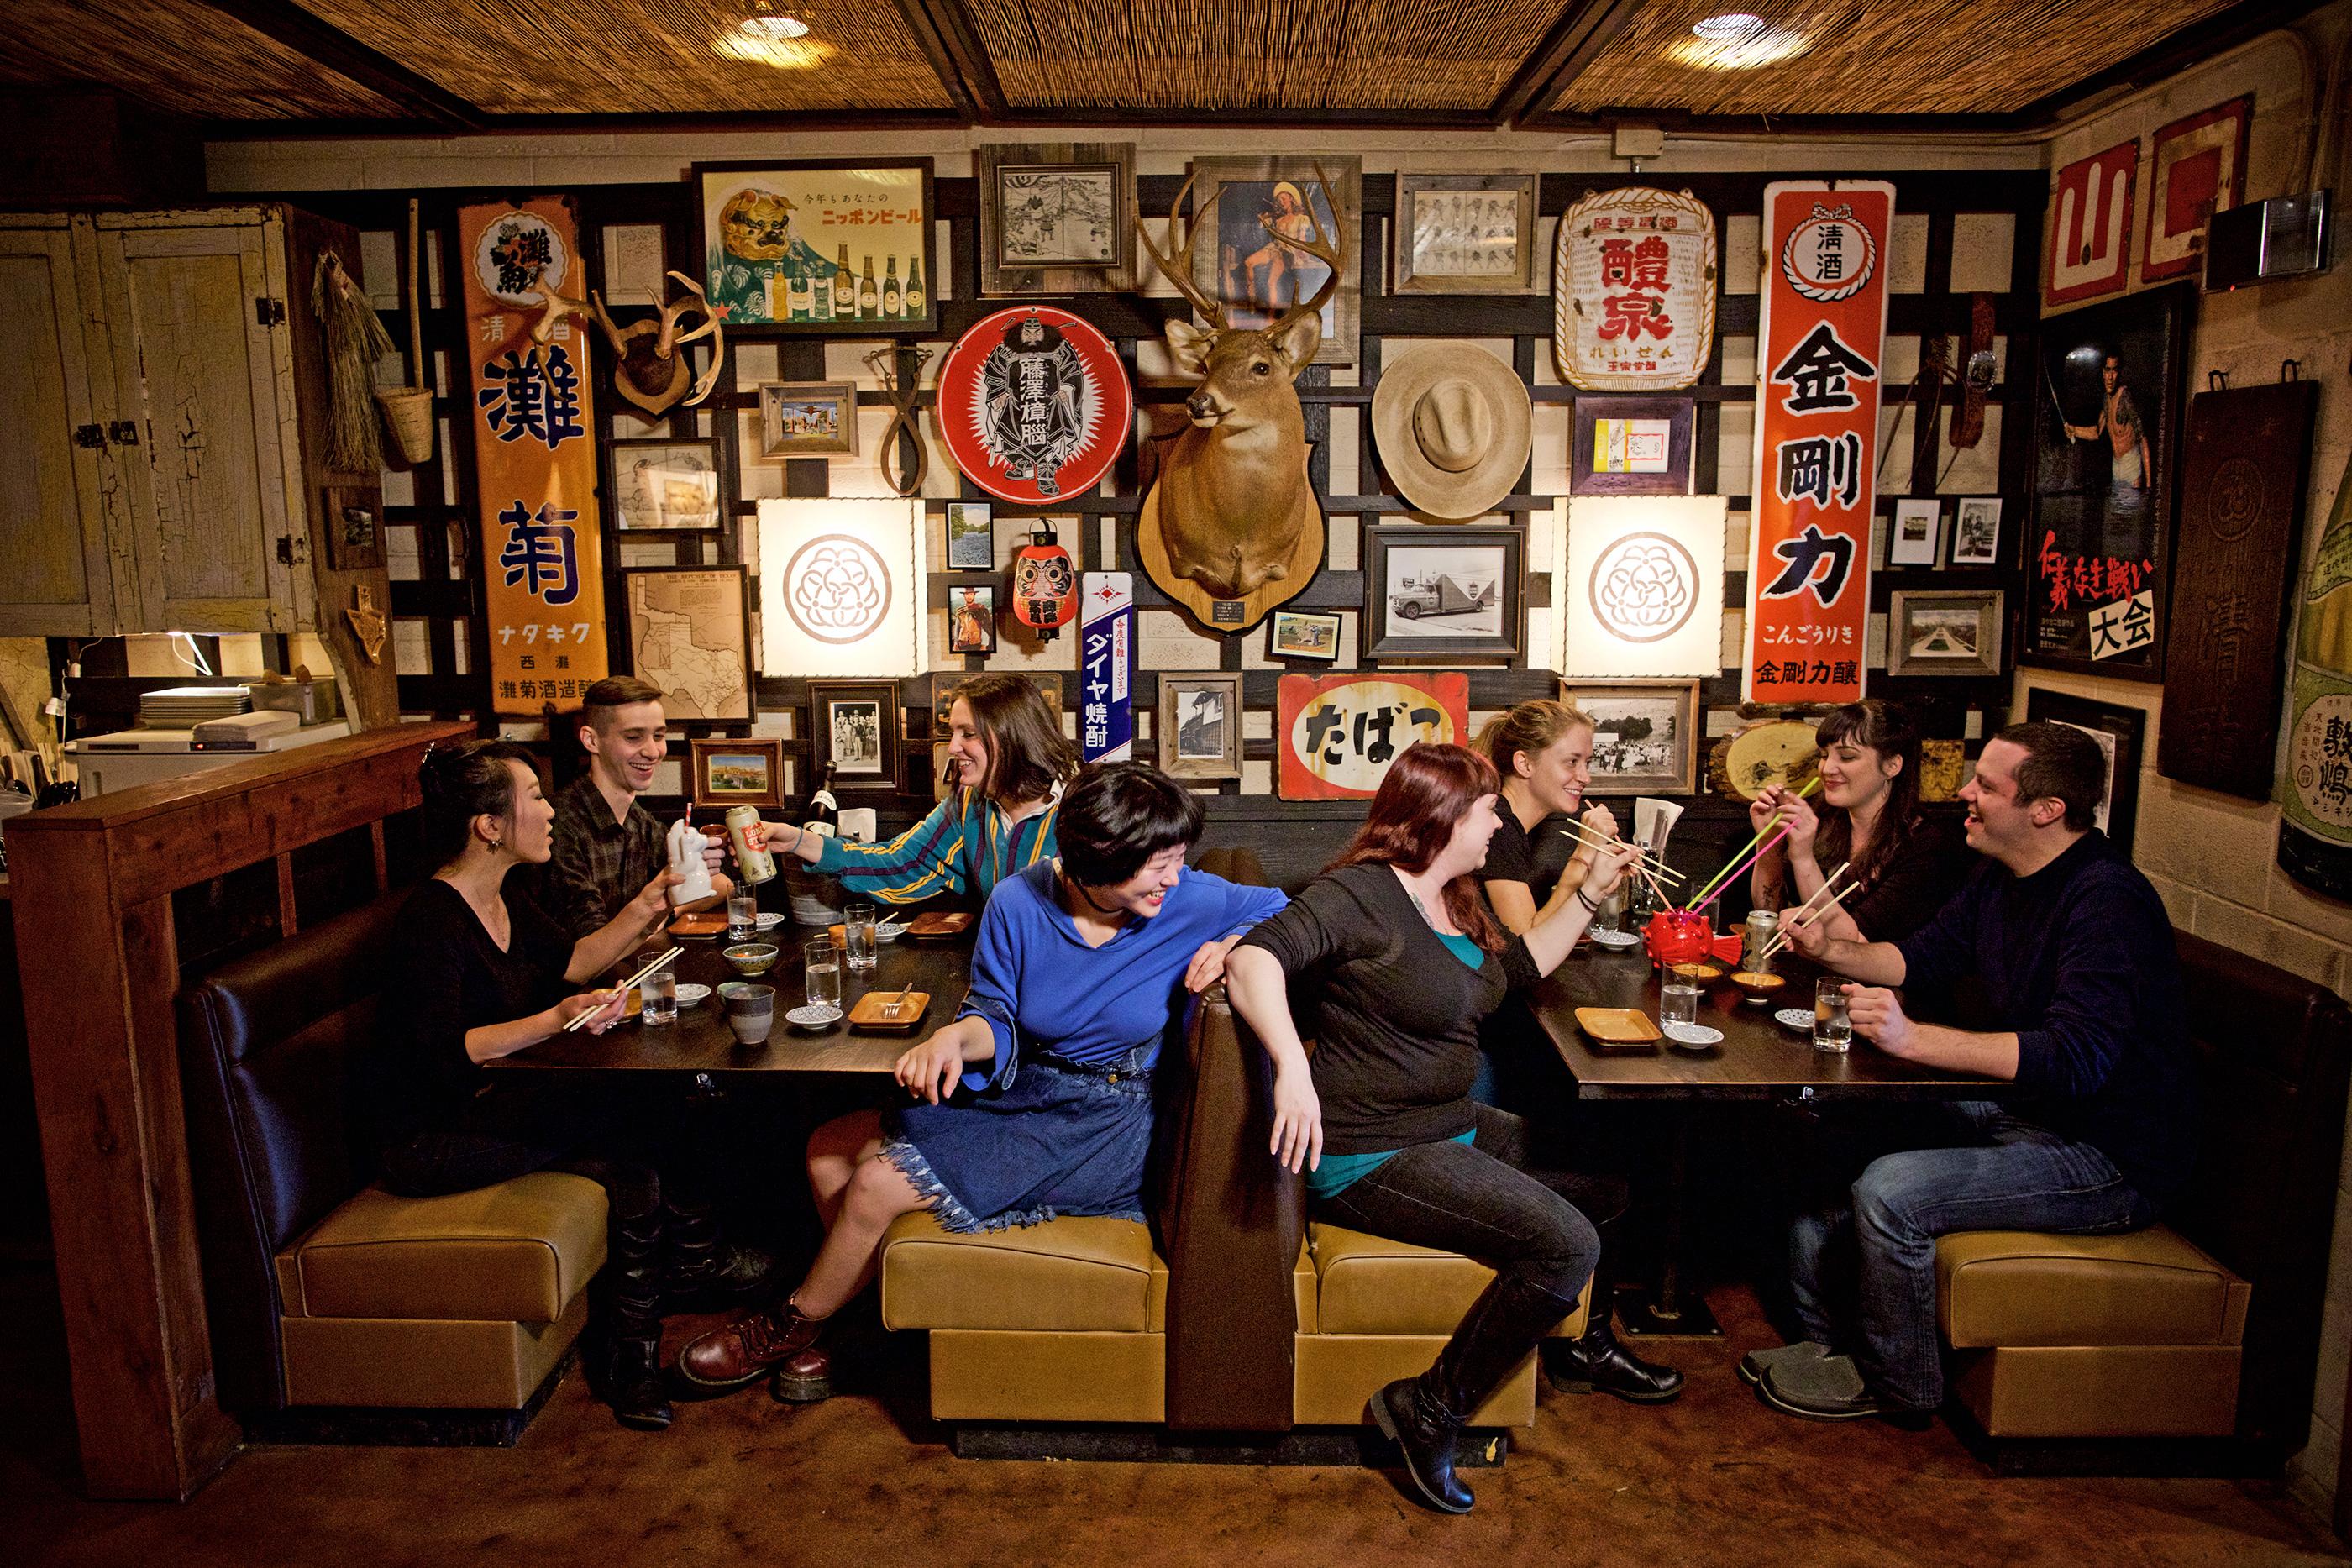 Food fans dive into ramen at the award-winning Kemuri Tatsu-ya.